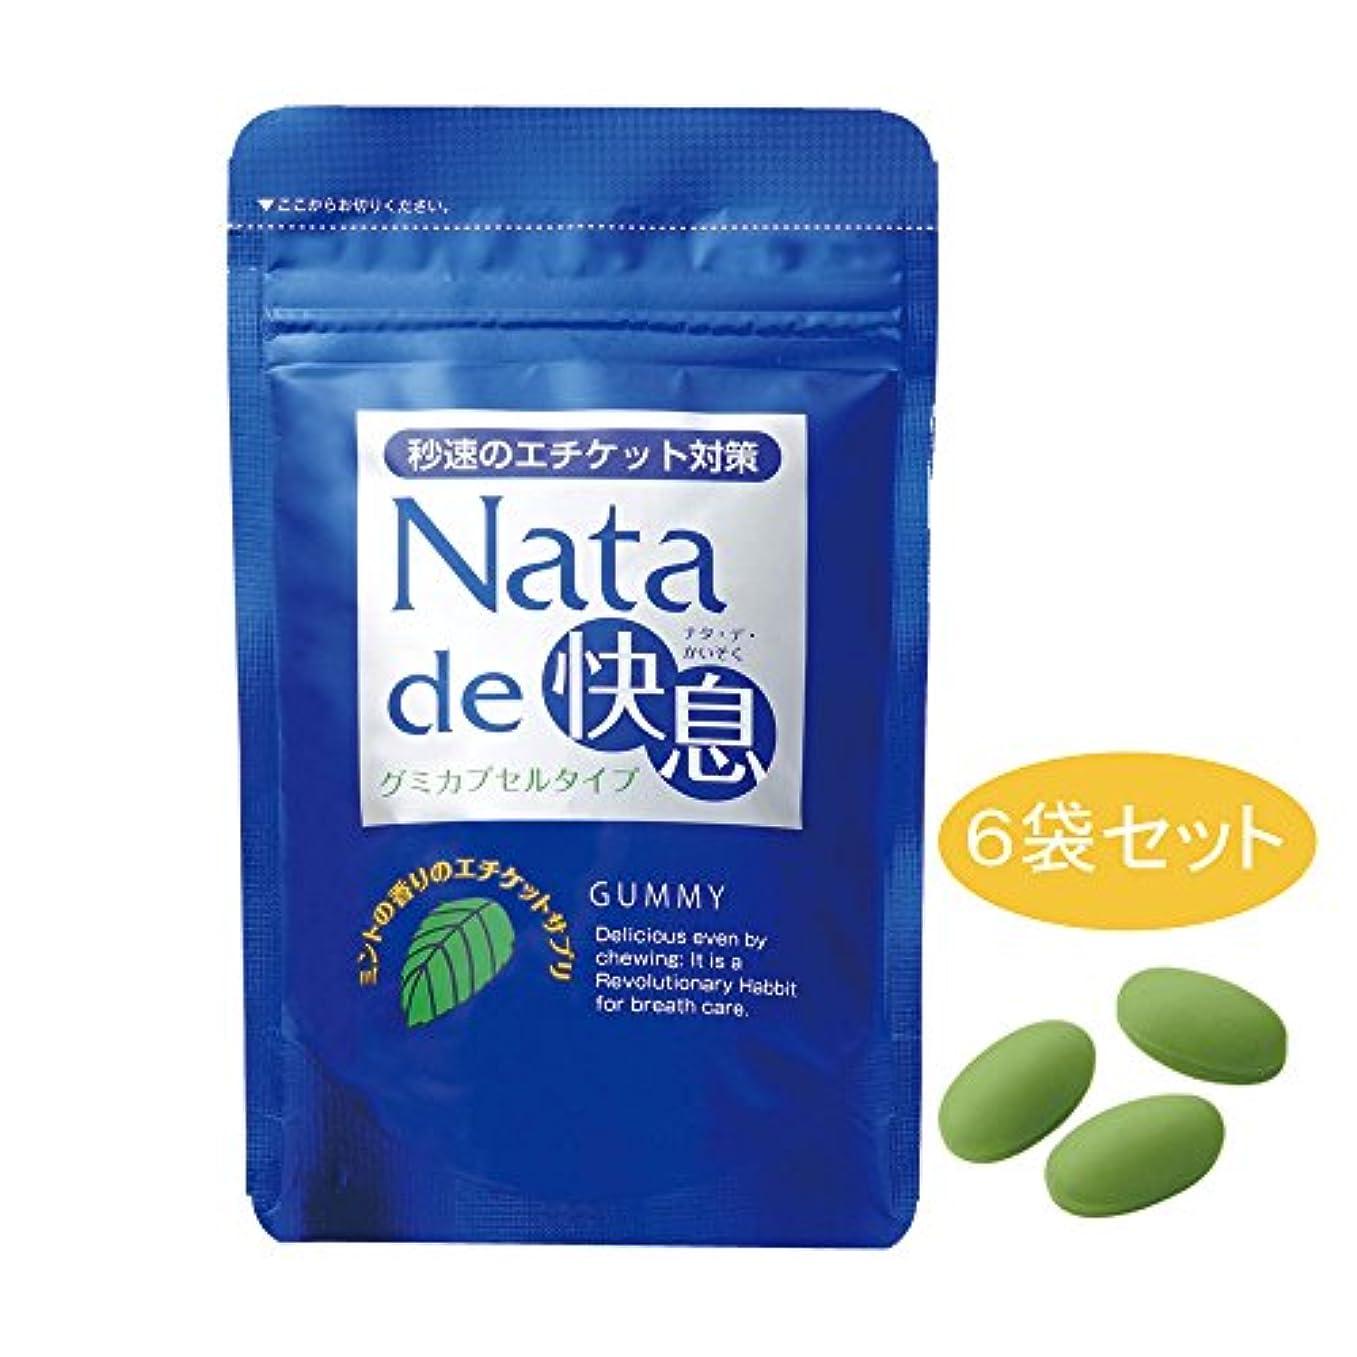 東横解任ナタデ快息 ミントの香り 6袋セット